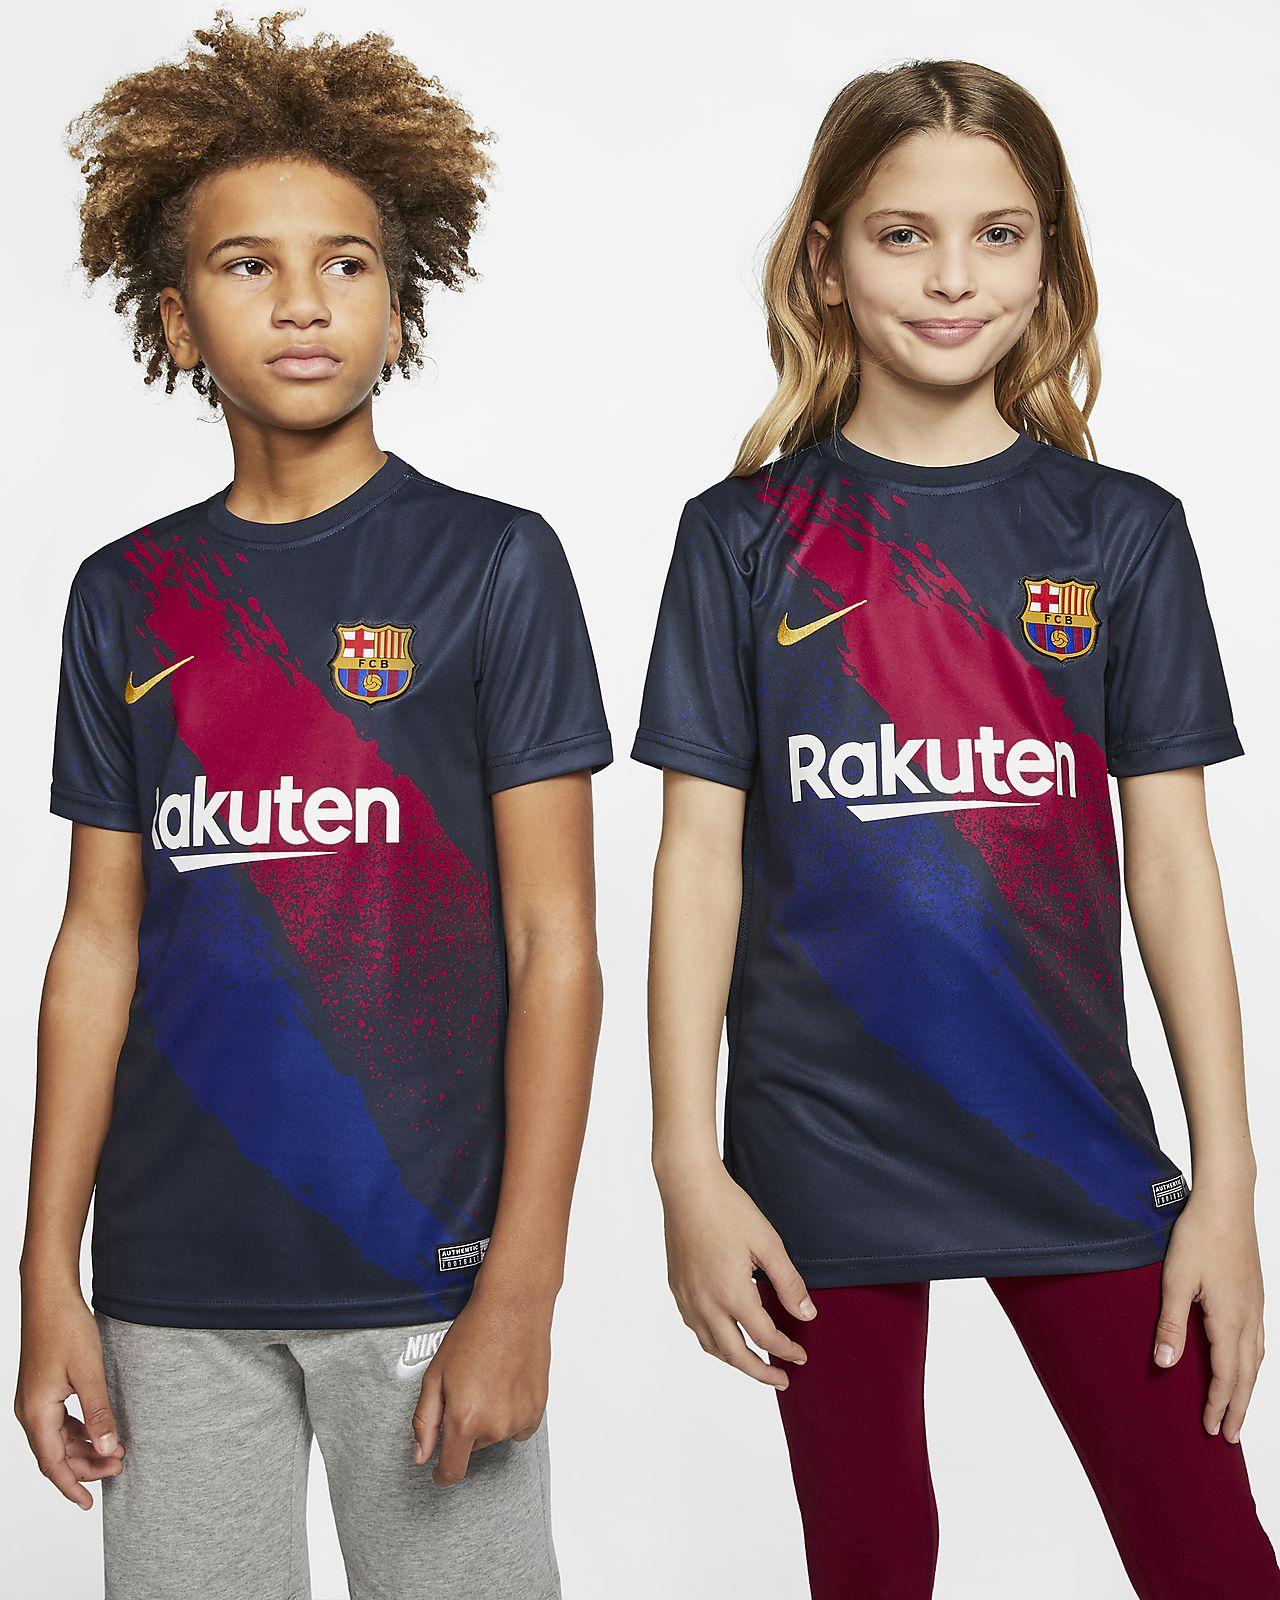 Maglia da calcio a manica corta Nike Dri-FIT FC Barcelona - Ragazzi